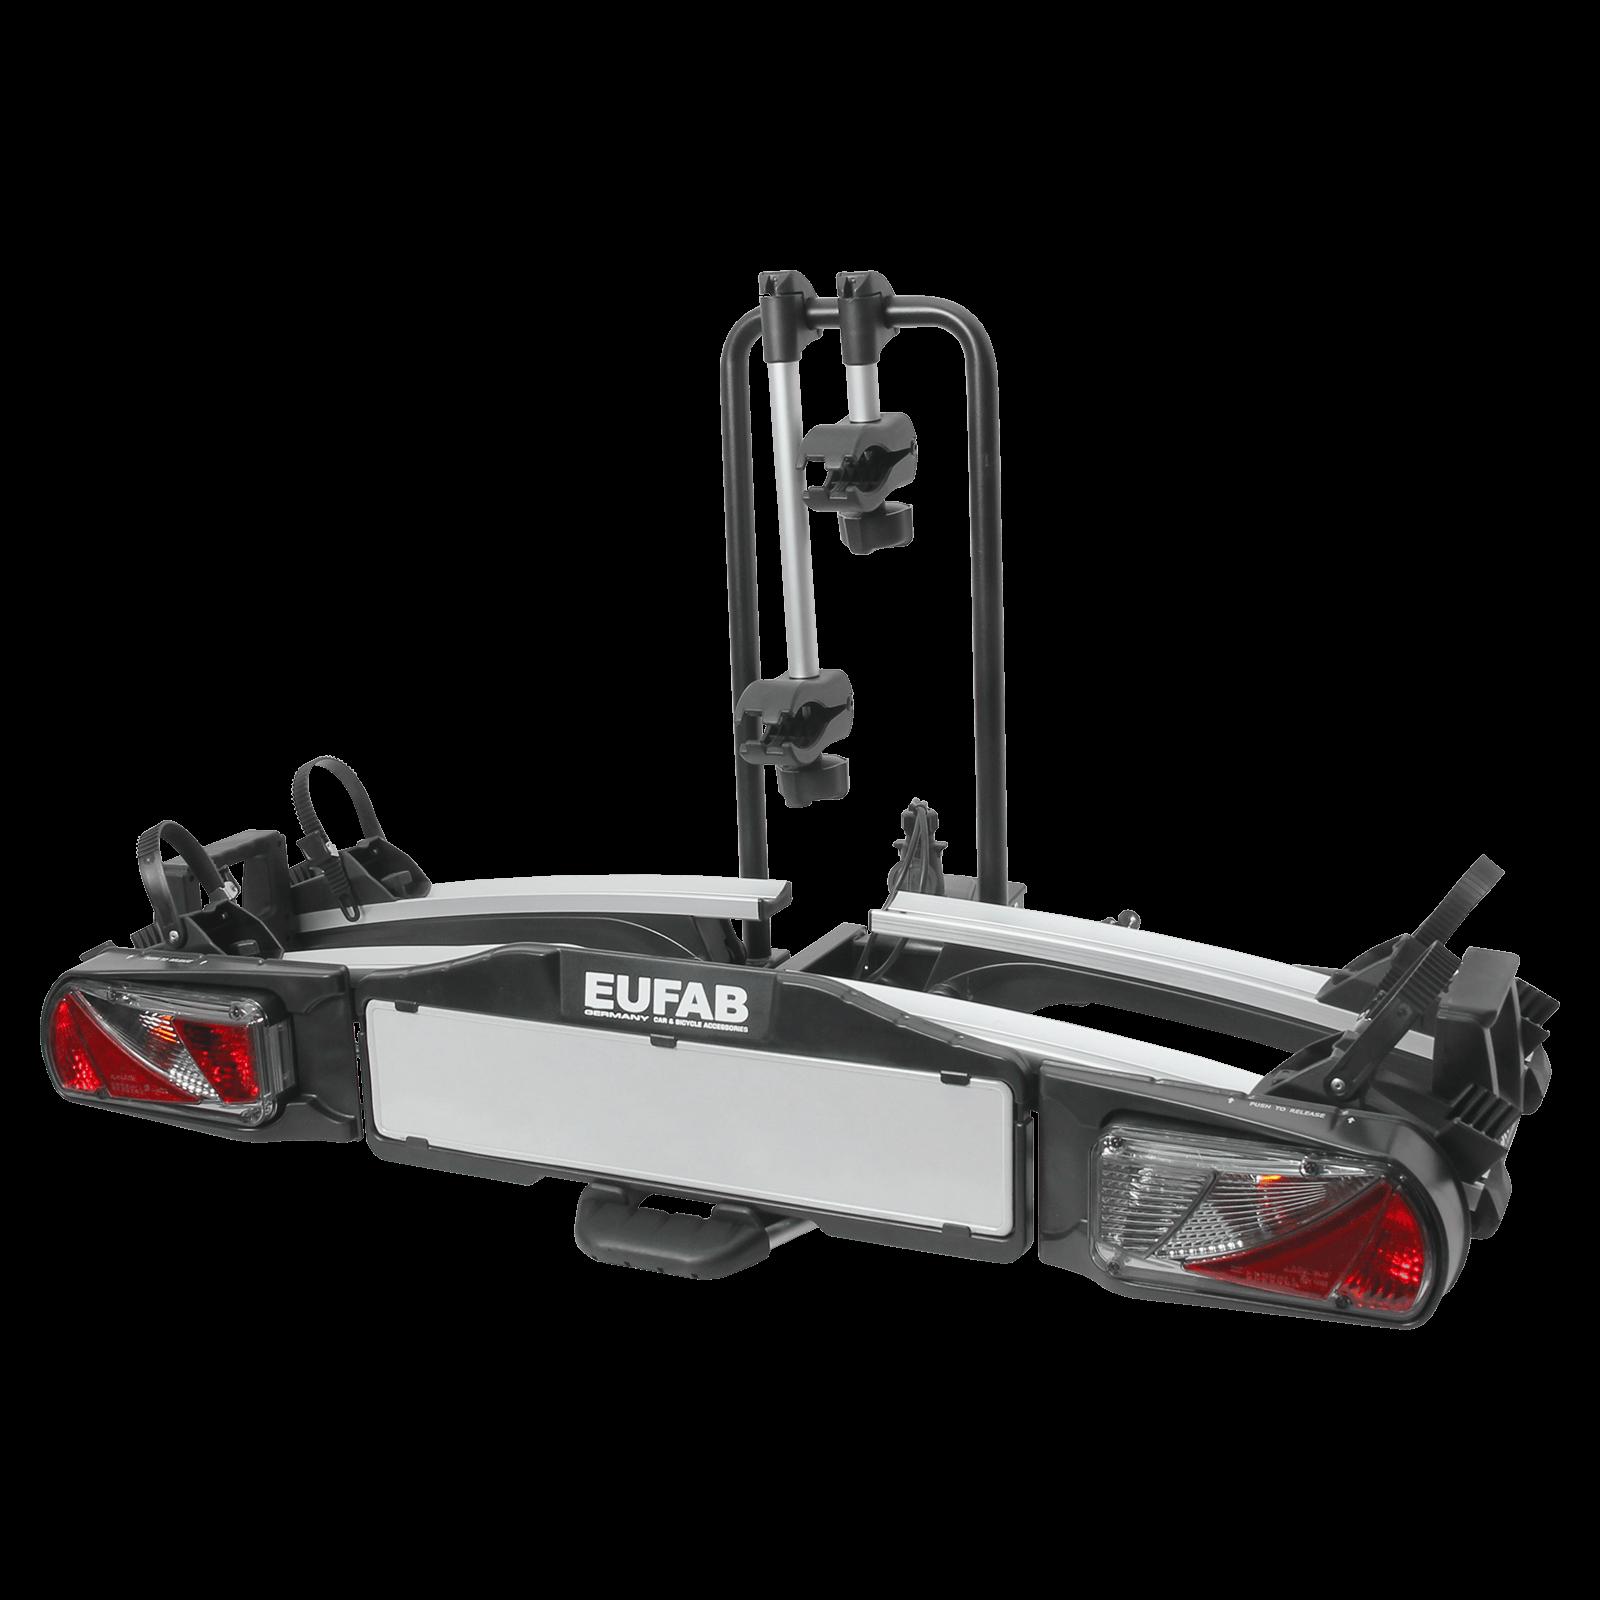 fahrradtr ger eufab premium ii plus f r 2 fahrr der montage auf der anh ngerkupplung nutzlast. Black Bedroom Furniture Sets. Home Design Ideas